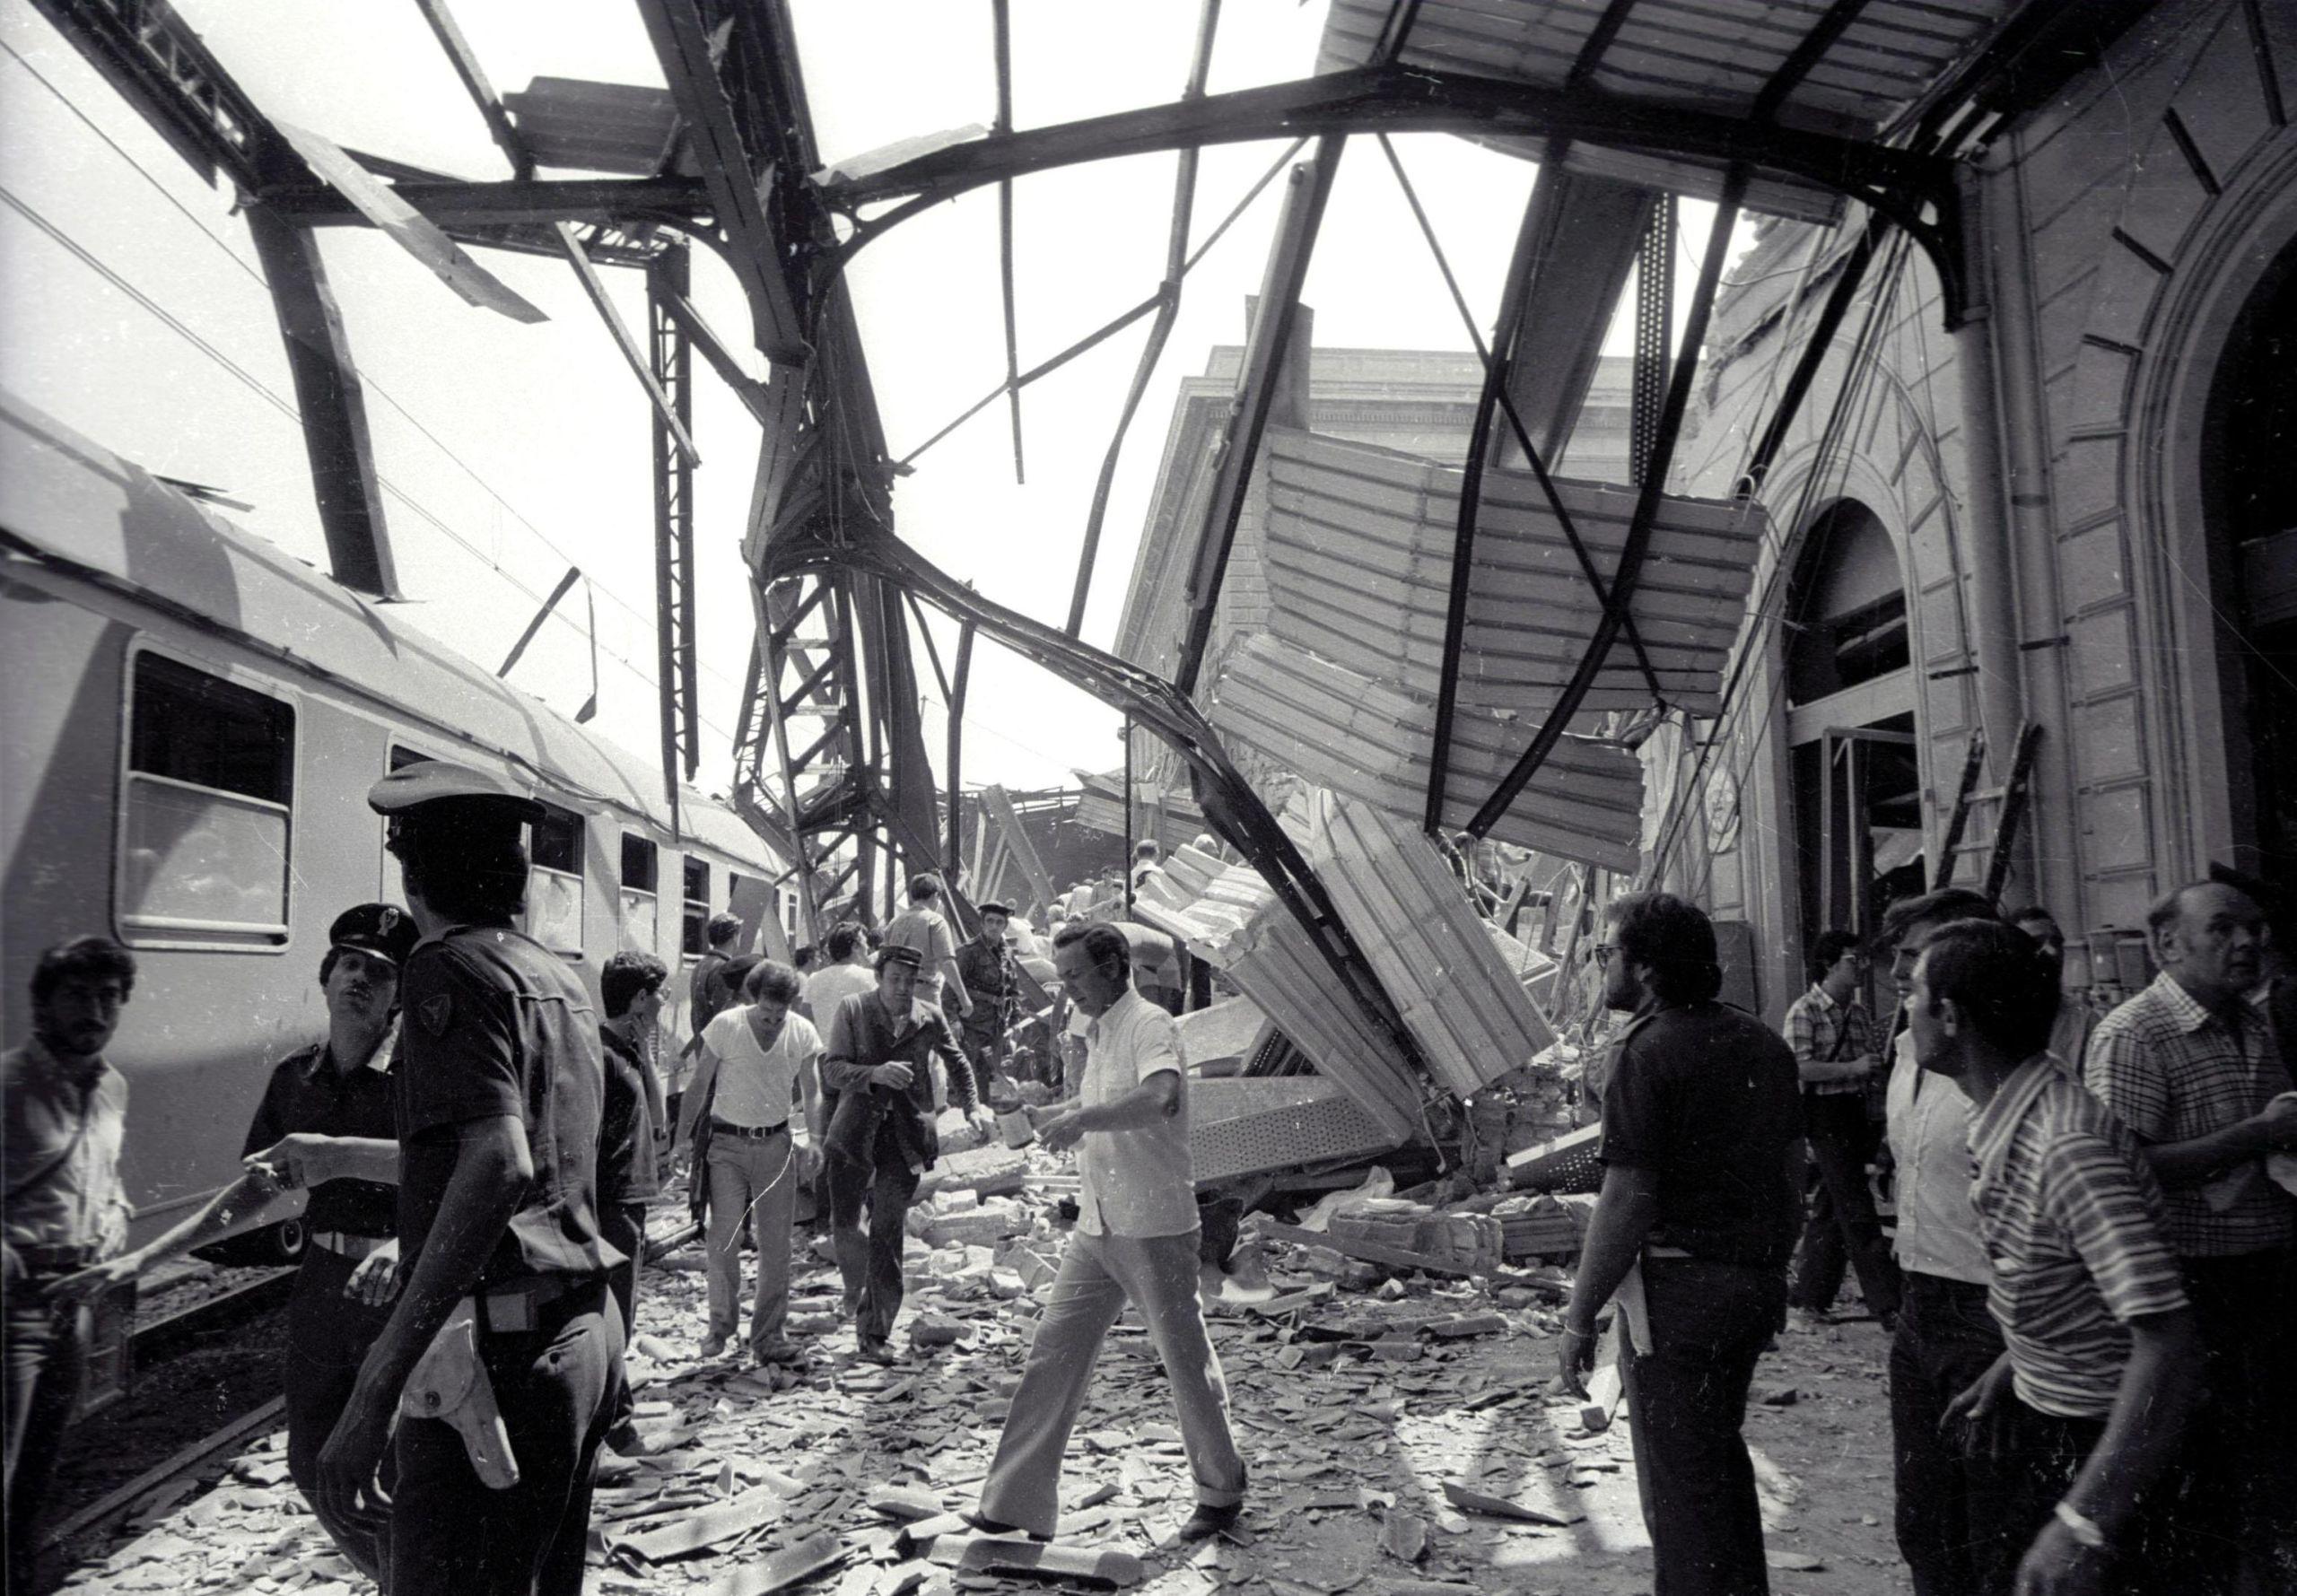 Strage di Bologna, storia dell'attentato alla stazione del 2 agosto 1980 | Sky TG24